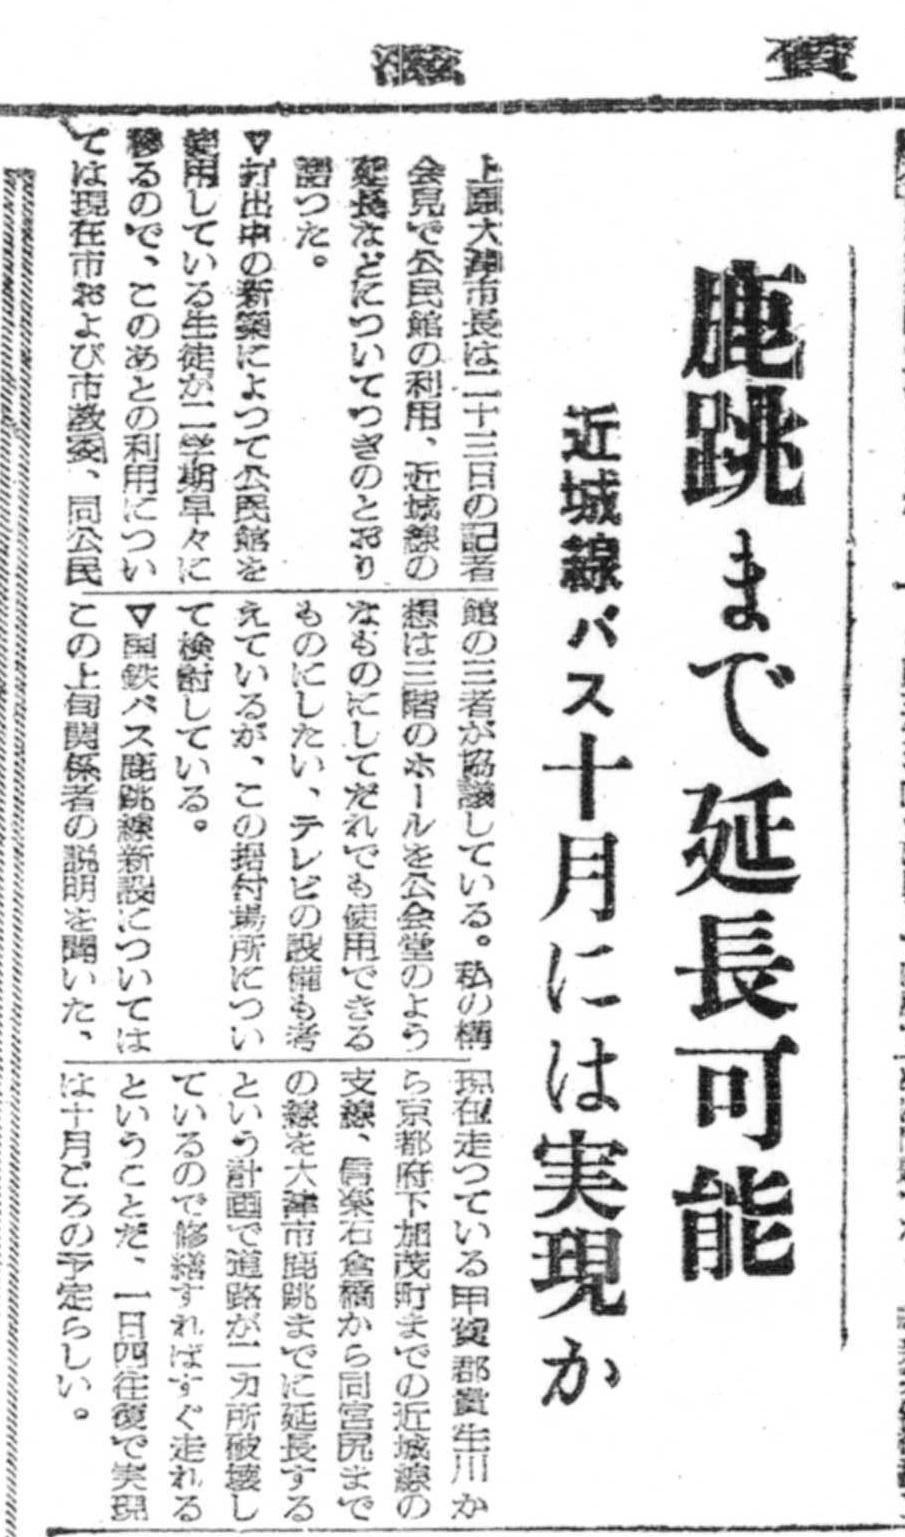 S30.8.24S 国鉄バス鹿跳橋まで延長計画b